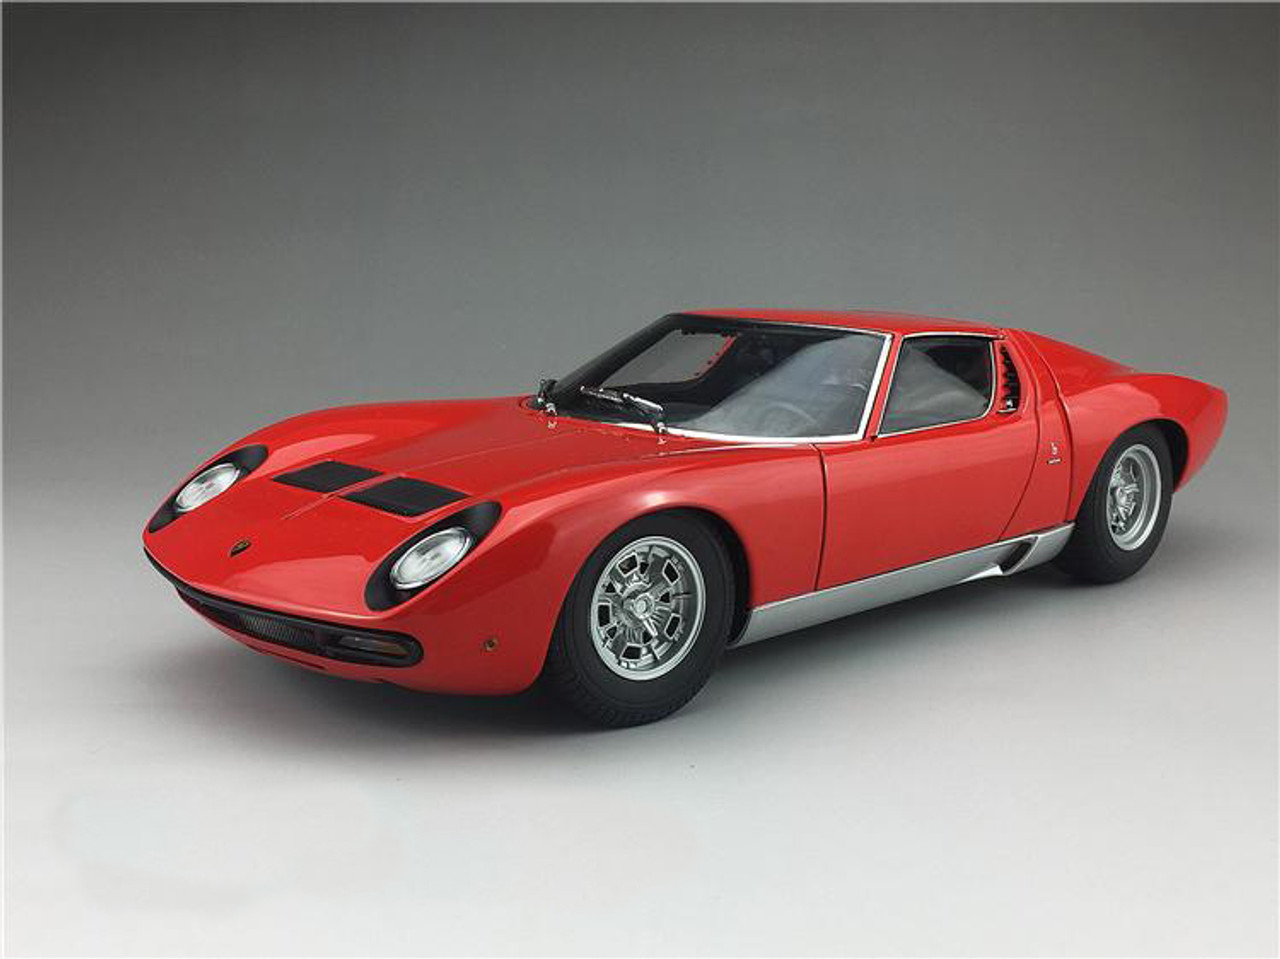 1 18 Autoart Lamborghini Miura Sv Red W Silver Rims Diecast Car